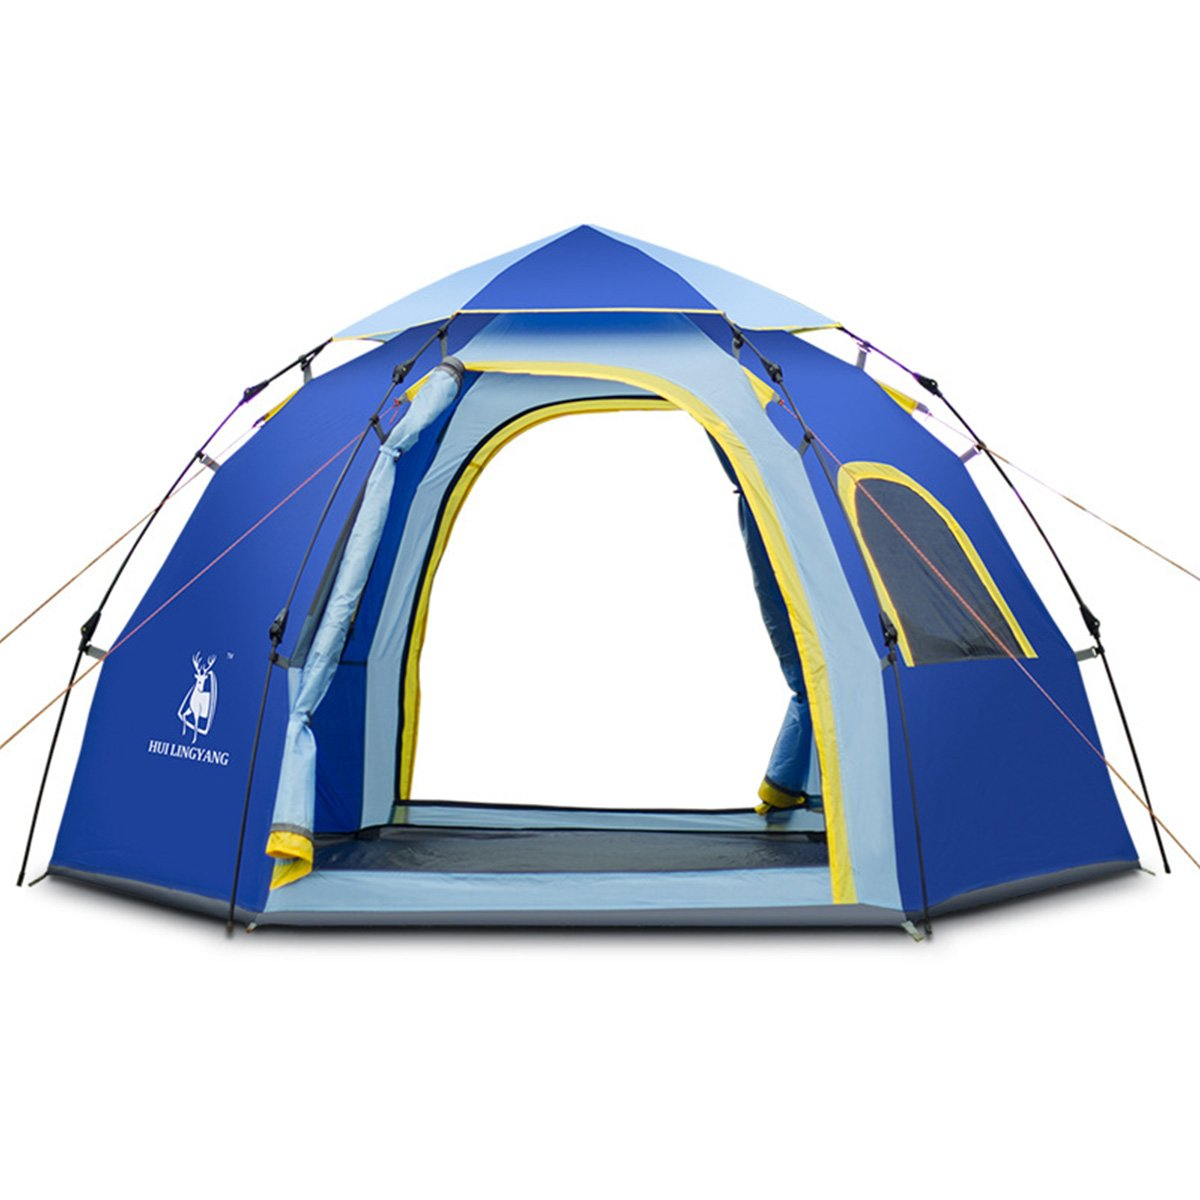 Qisan Urlaub 20% Automatisches Pop-up-Zelt Sofort Camping Zelt Outdoor Schnell Öffnen 4-5 Personen Wasserdicht